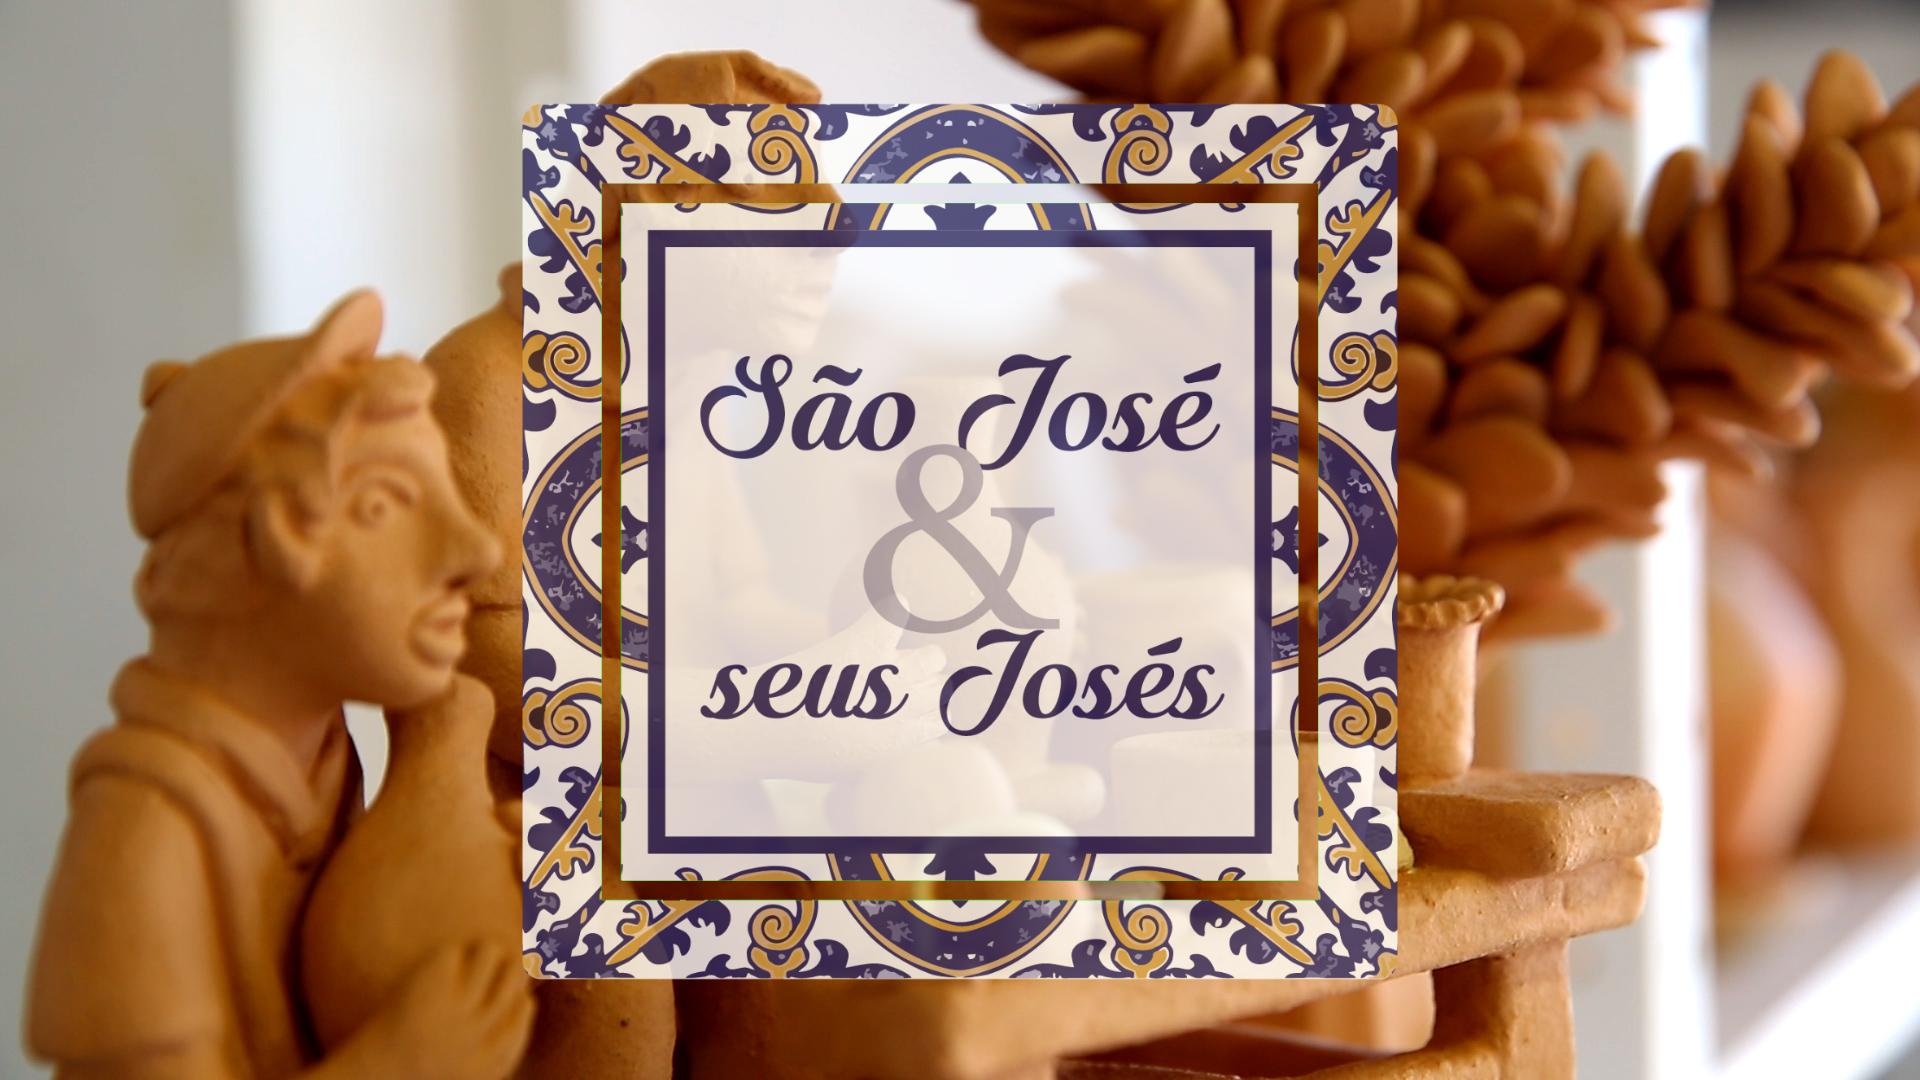 São José & seus Josés: José Geraldo Germano